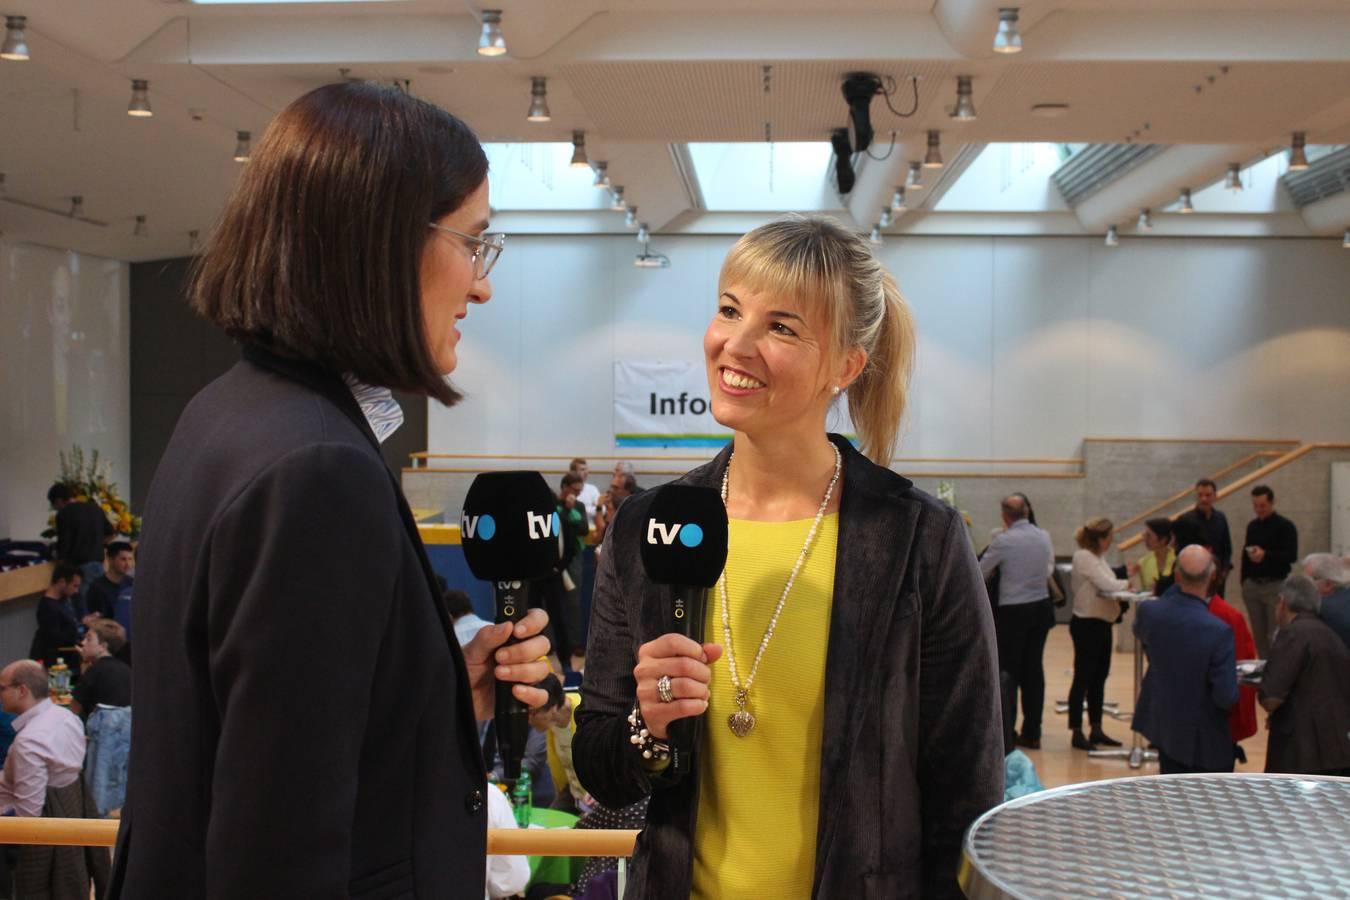 Auch Diana Gutjahr hat dank ihrer Wiederwahl Grund zur Freude (© FM1Today/Fabienne Engbers)